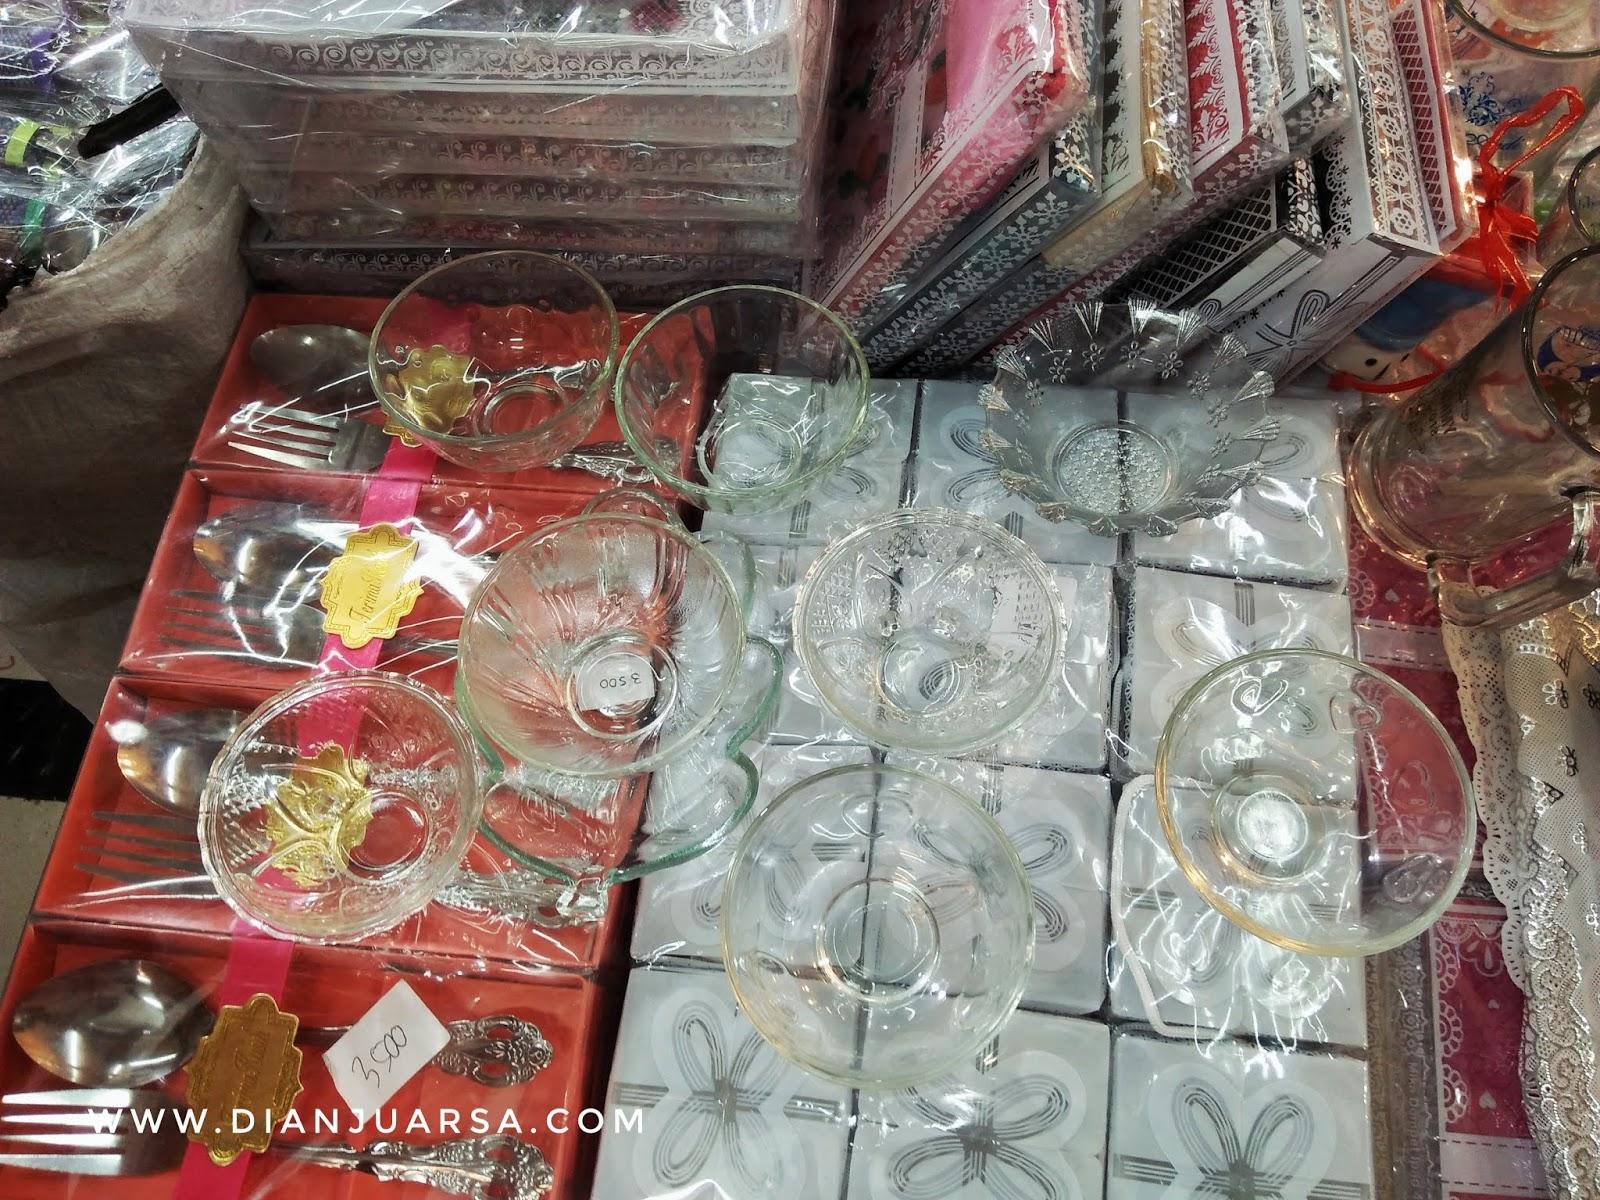 Cari Souvenir Pernikahan Murah di Jatinegara Untold Story